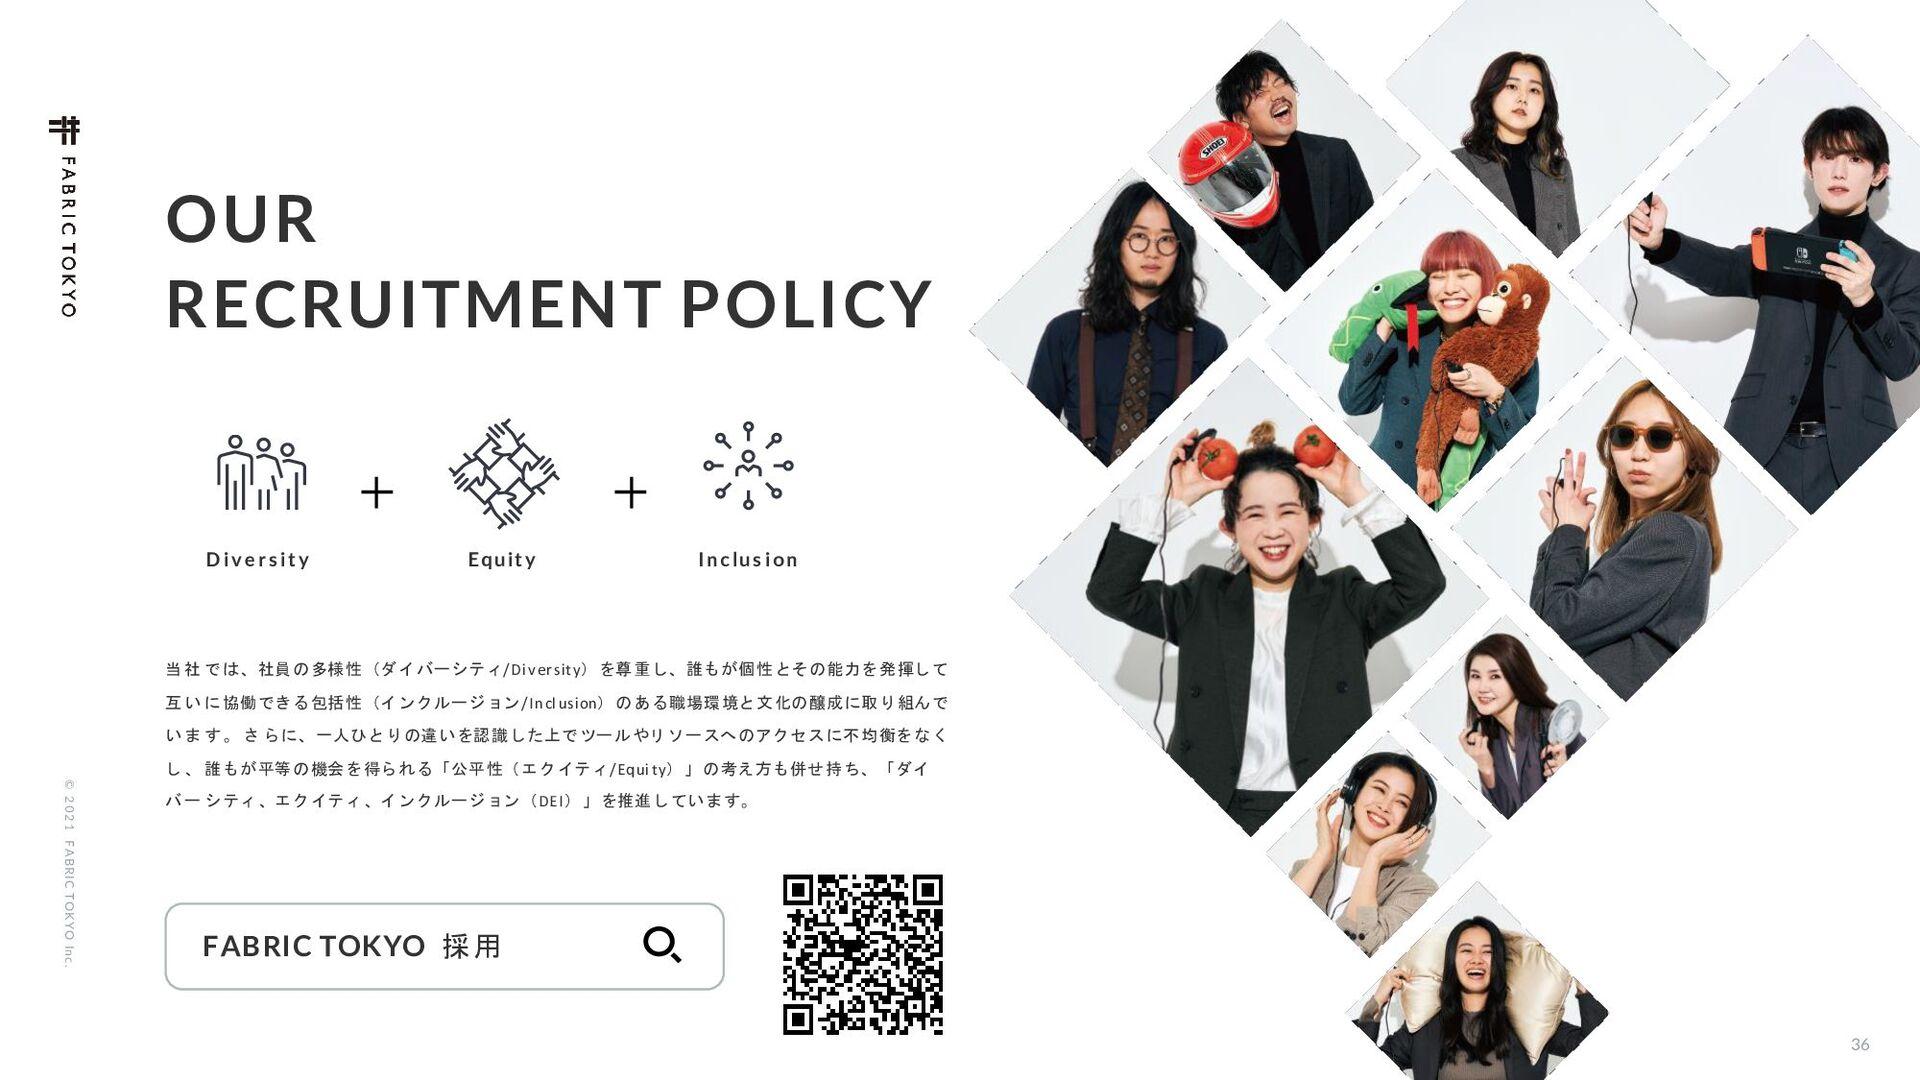 © 2021 FABRIC TOKYO Inc. 35 Χϧνϟʔʹ͍ͭͯ ैۀһʹ͑ͯΒ...